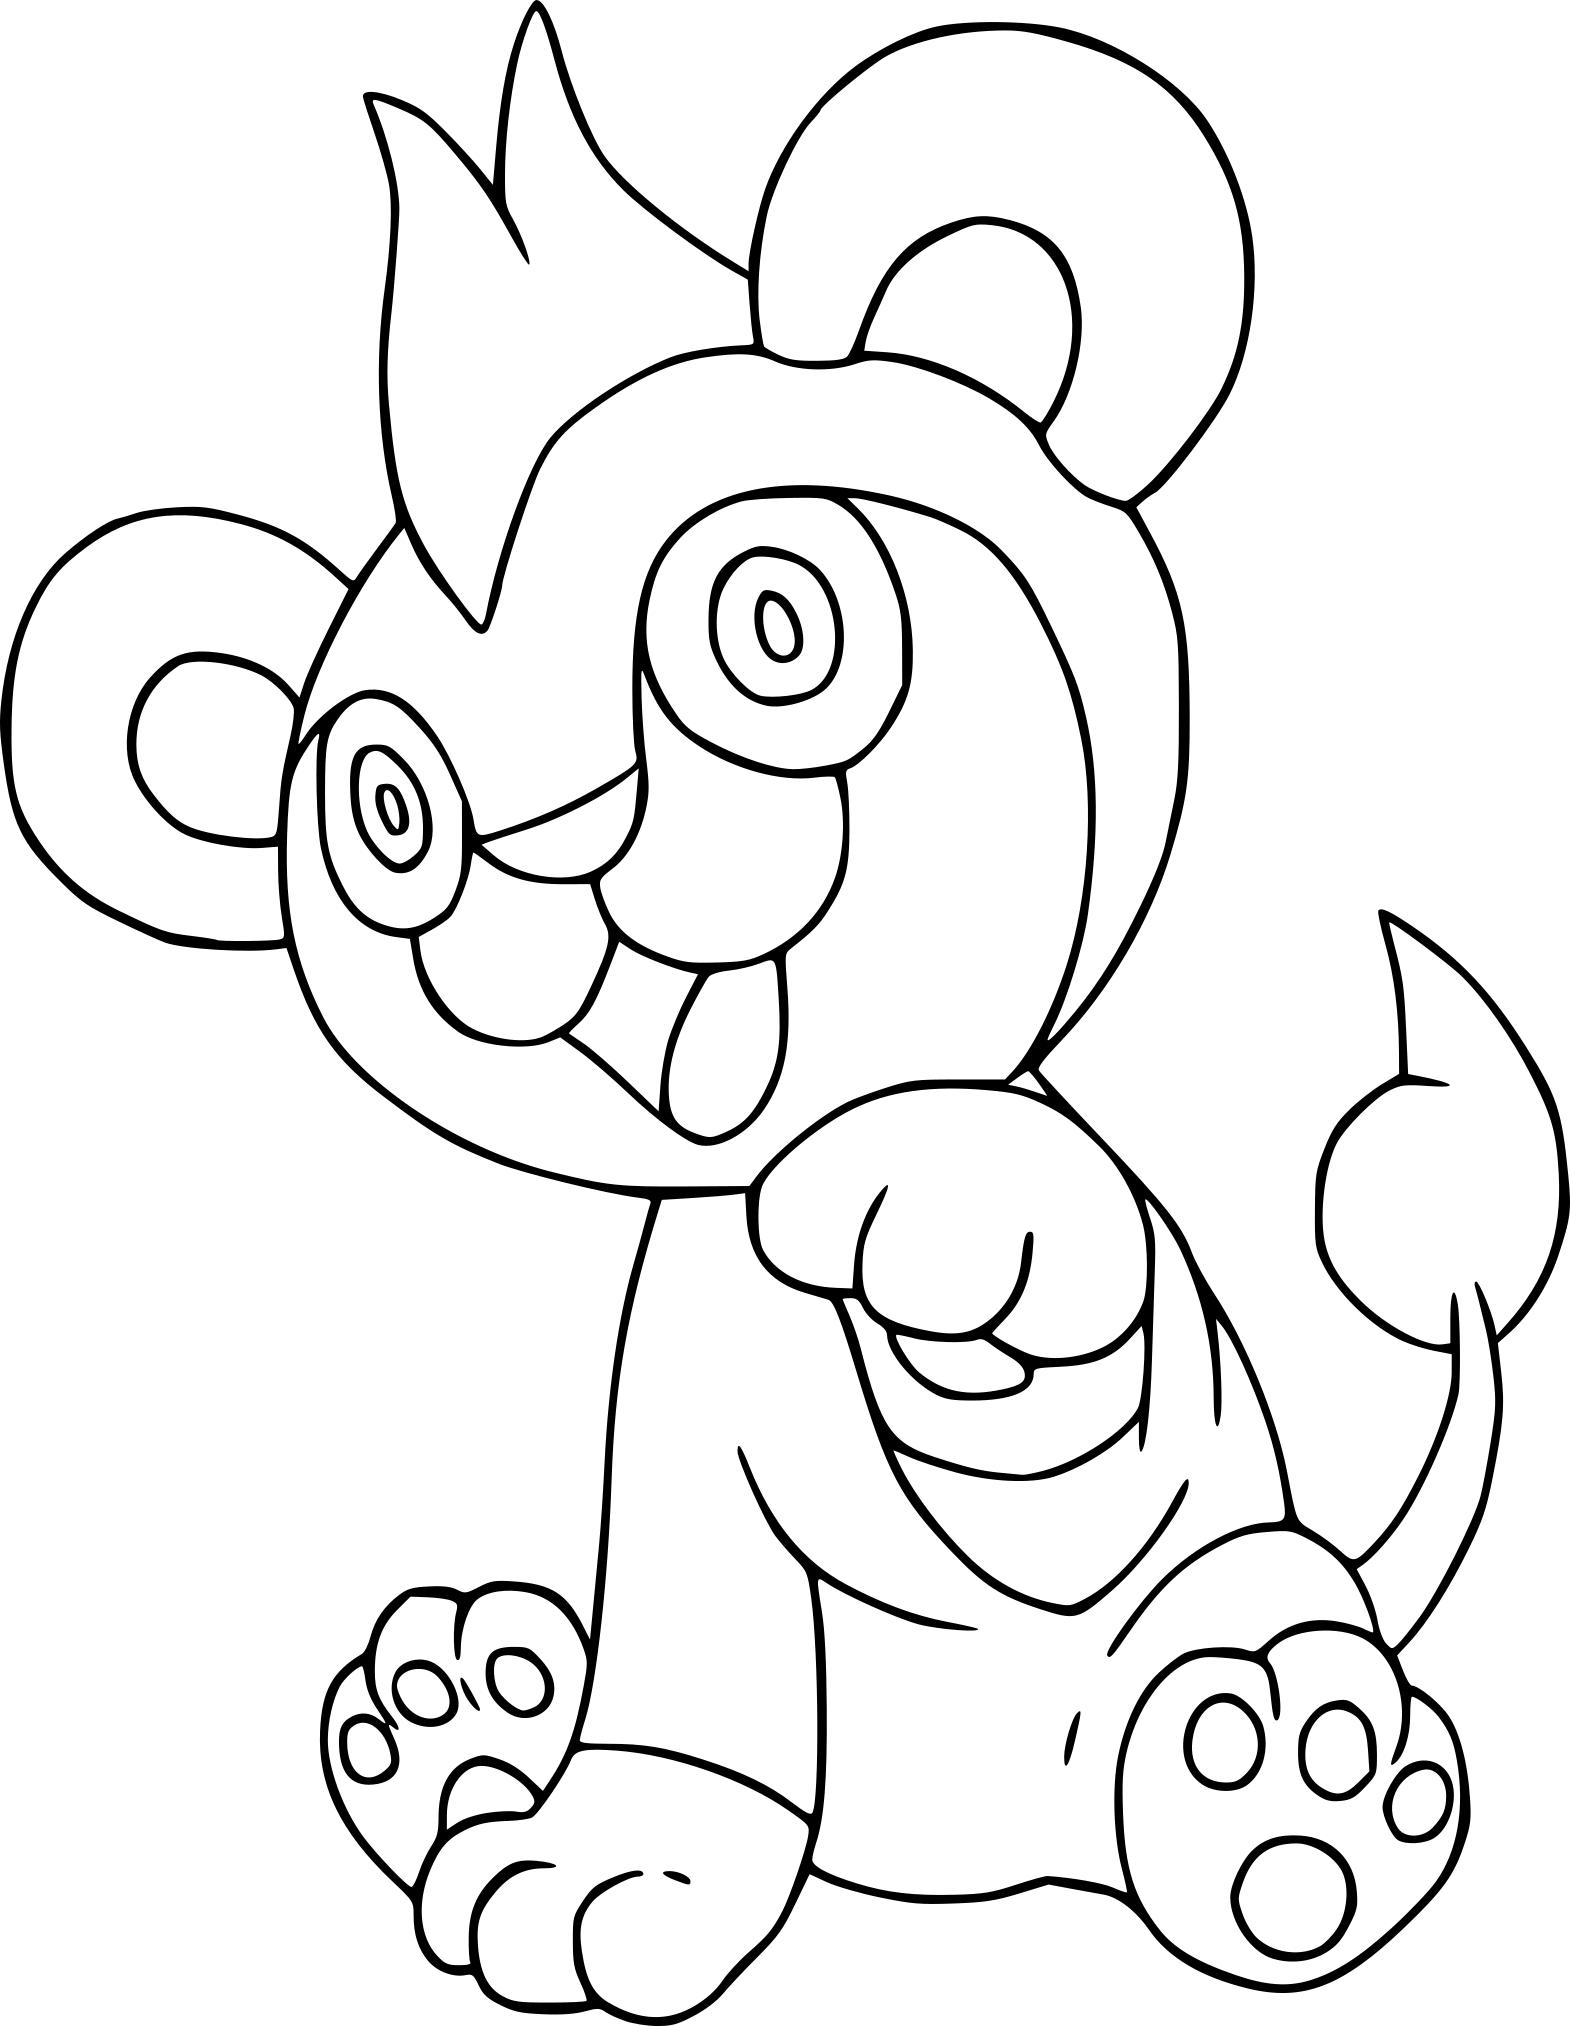 Coloriage Regice Pokemon Legendaire A Imprimer